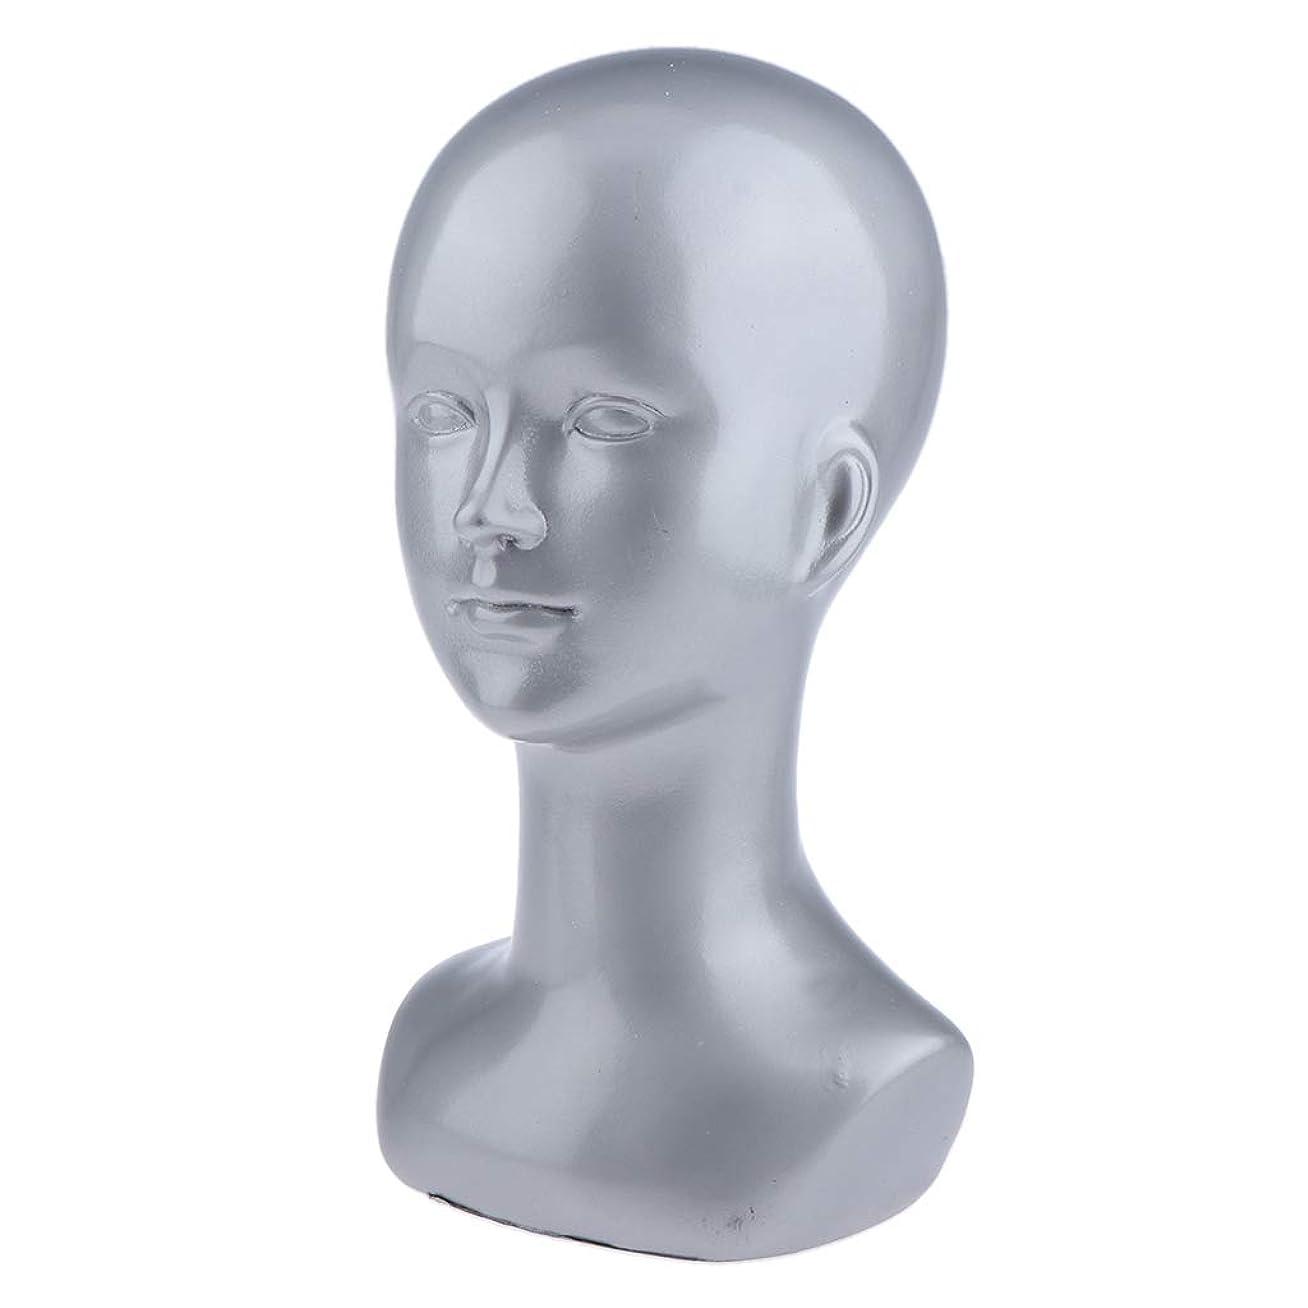 反抗伝統的一杯B Baosity マネキンヘッド 頭部 モデル ジュエリー 帽子 展示用 多目的 多色選べ - 銀